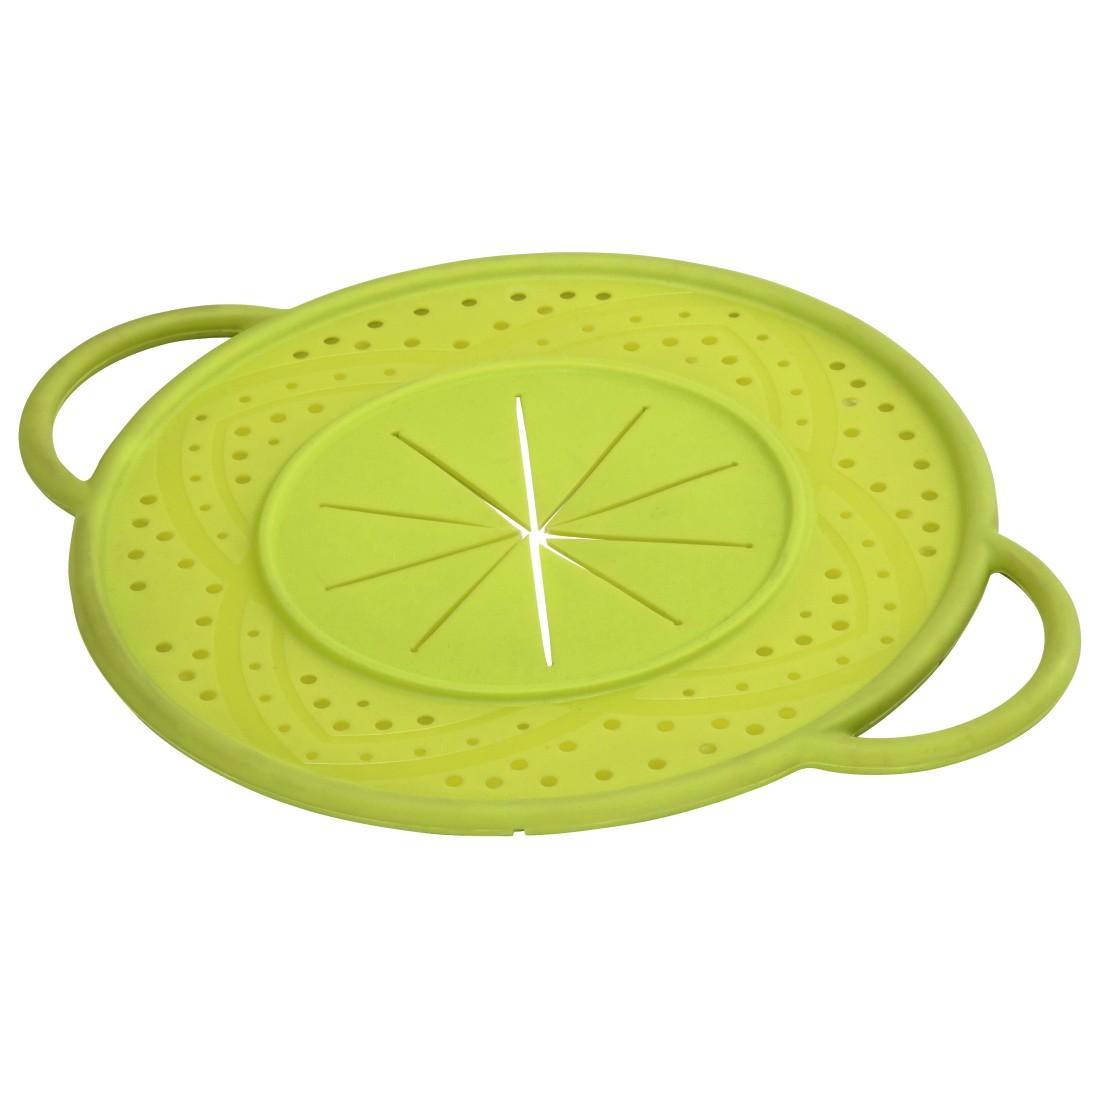 XAVAX Силиконов капак против пръски, кръгъл, 21 см, зелен